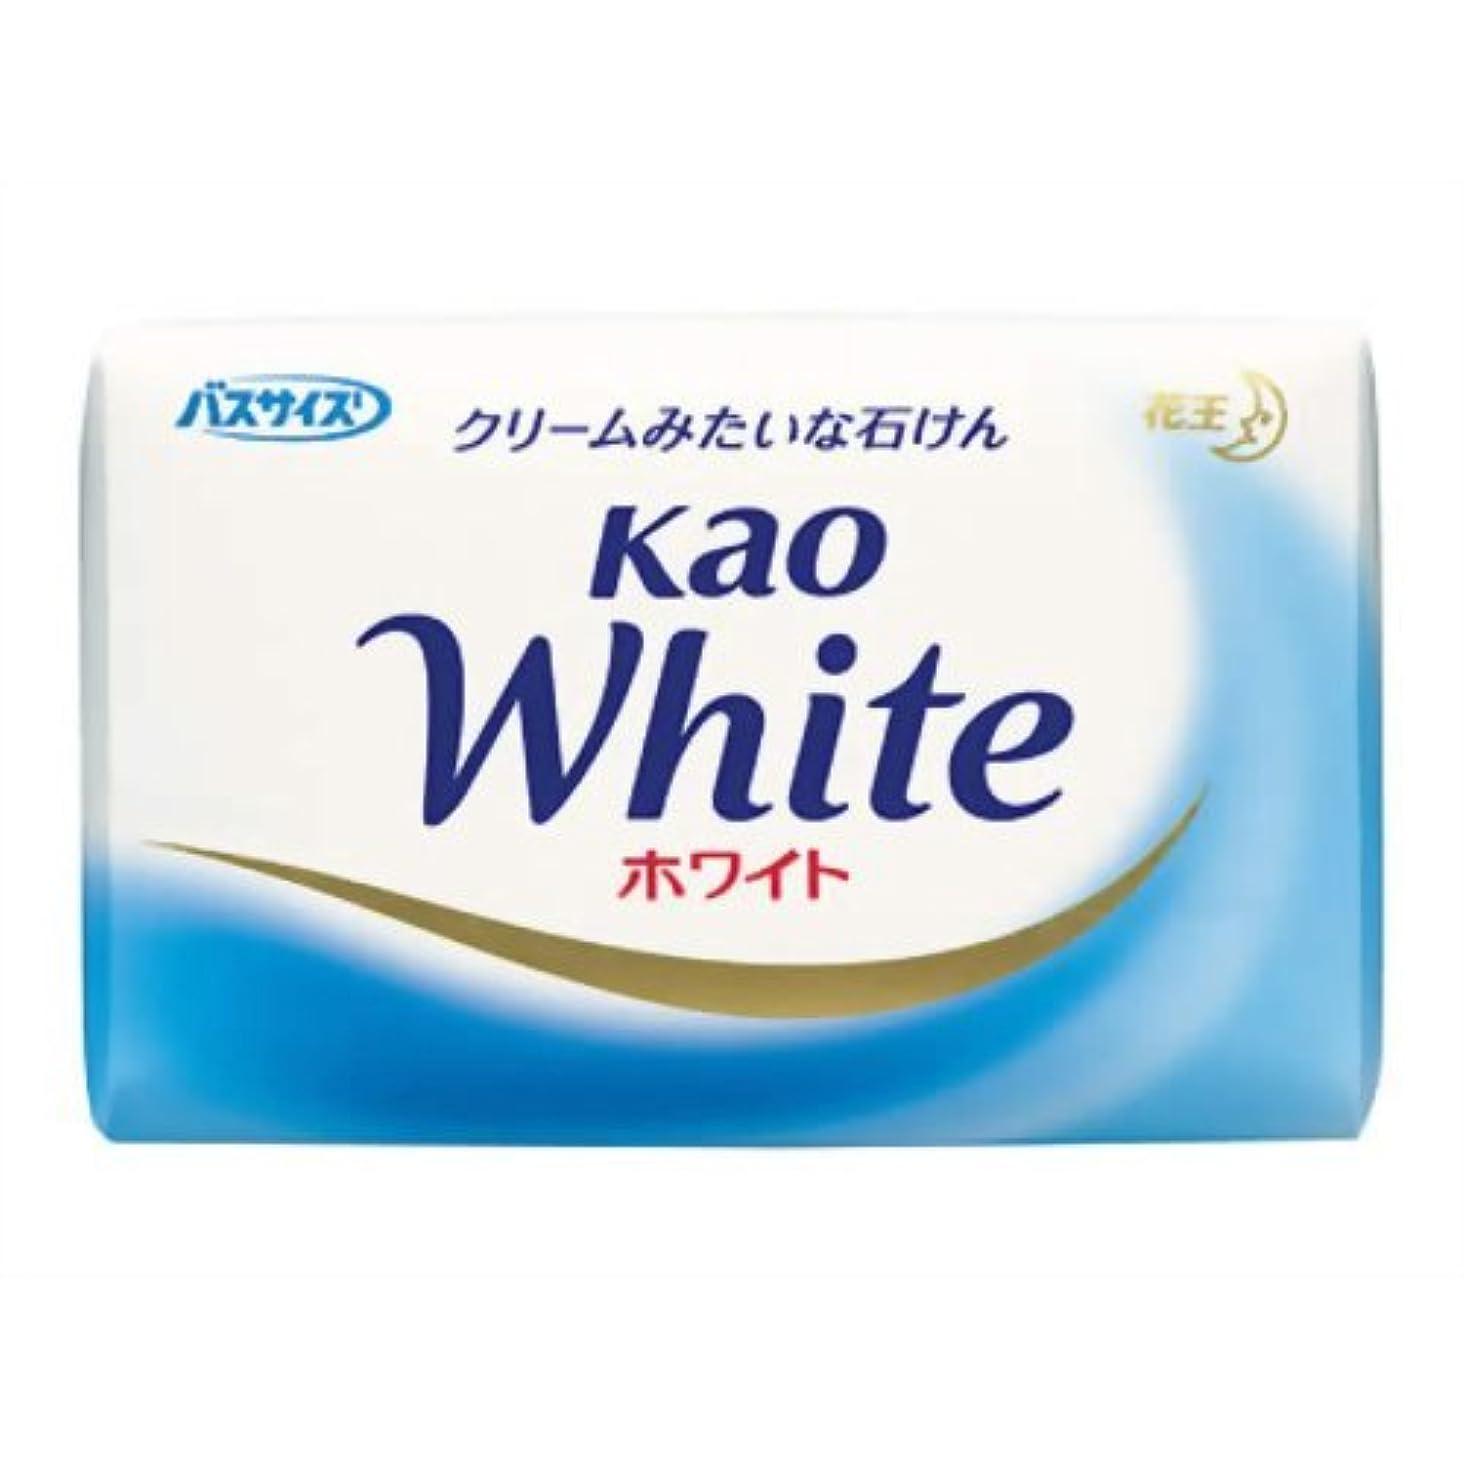 嫌がらせ思われる麦芽花王ホワイト バスサイズ